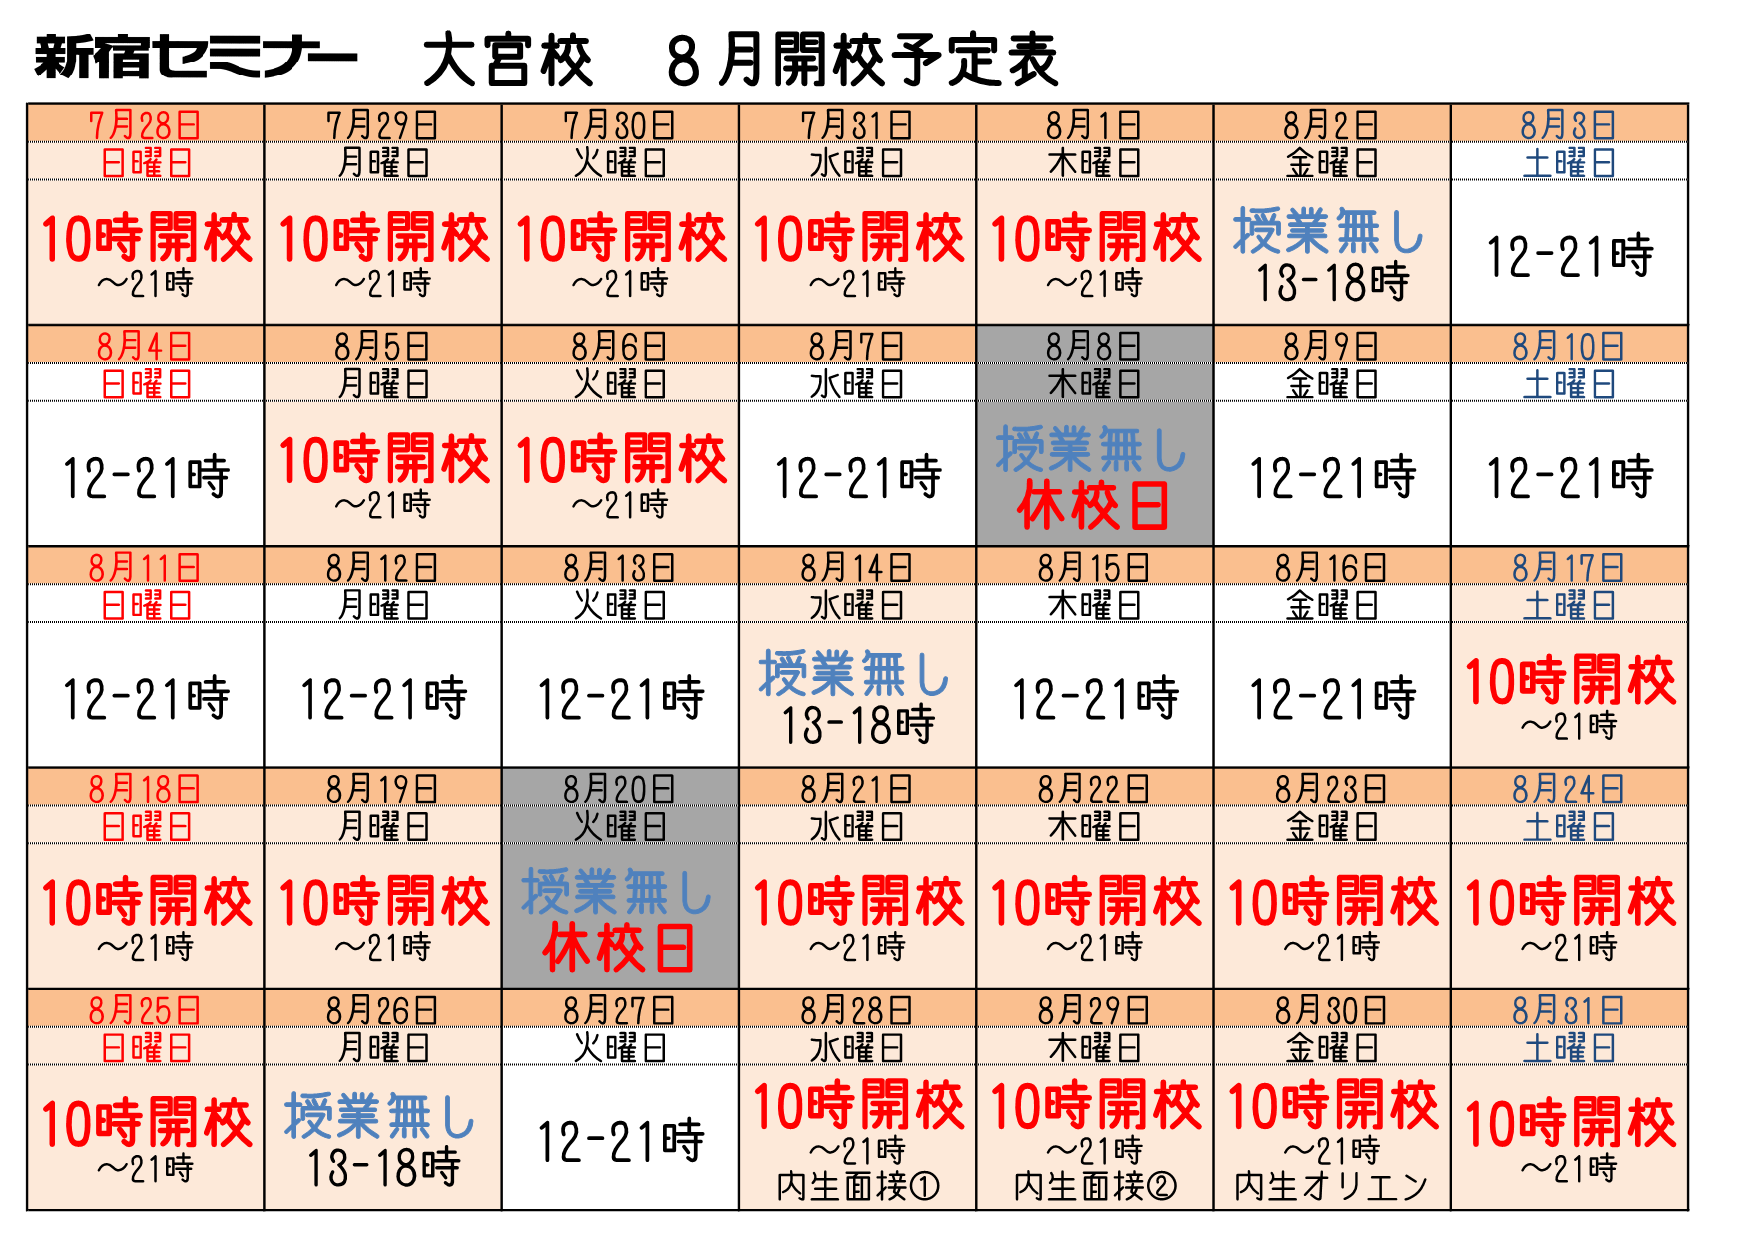 校舎掲示カレンダー_1